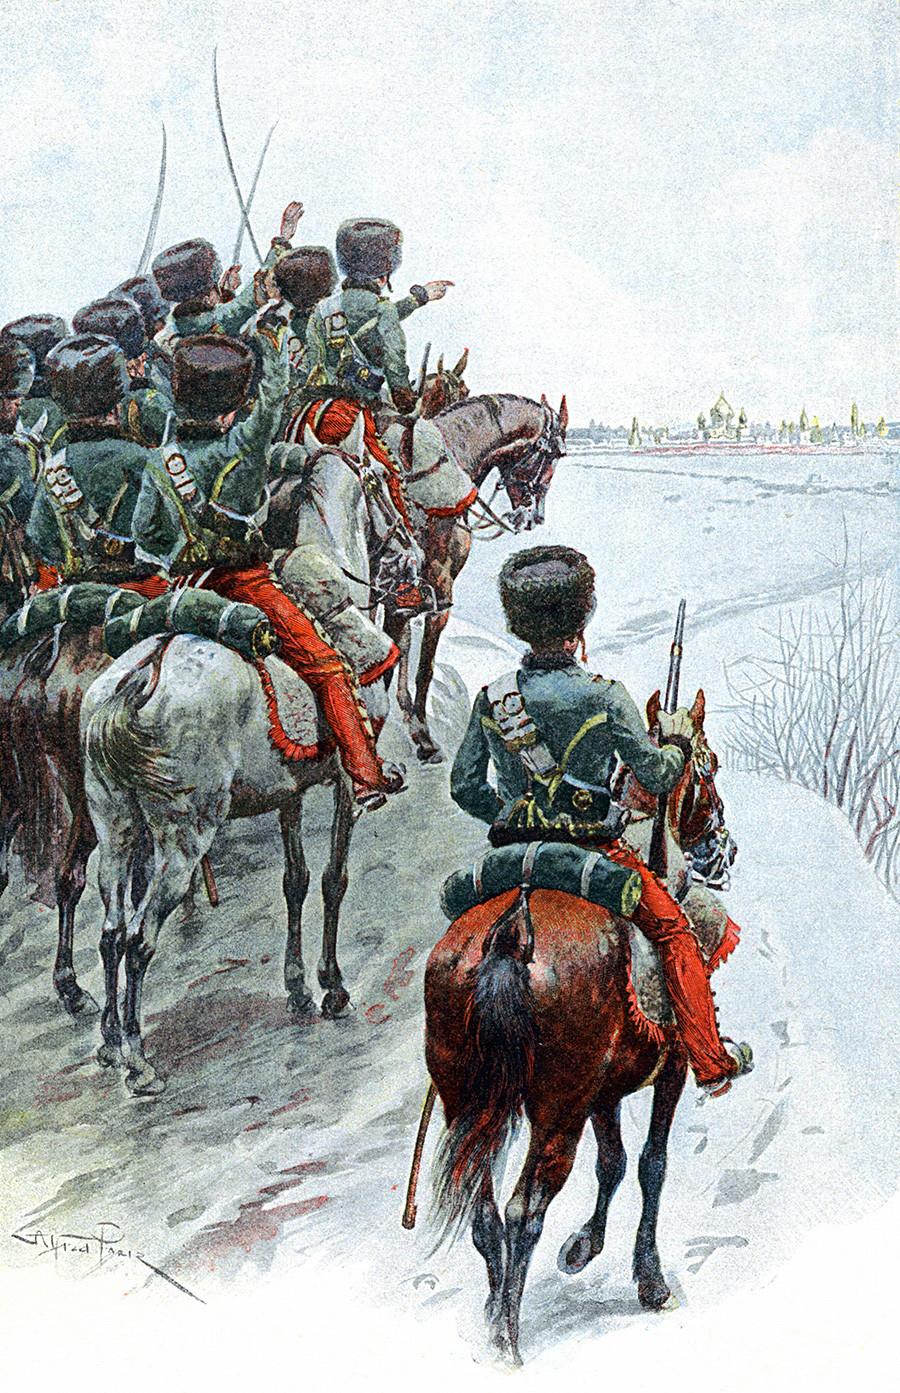 La Grande Armée de Napoleón observando Moscú, 1812.